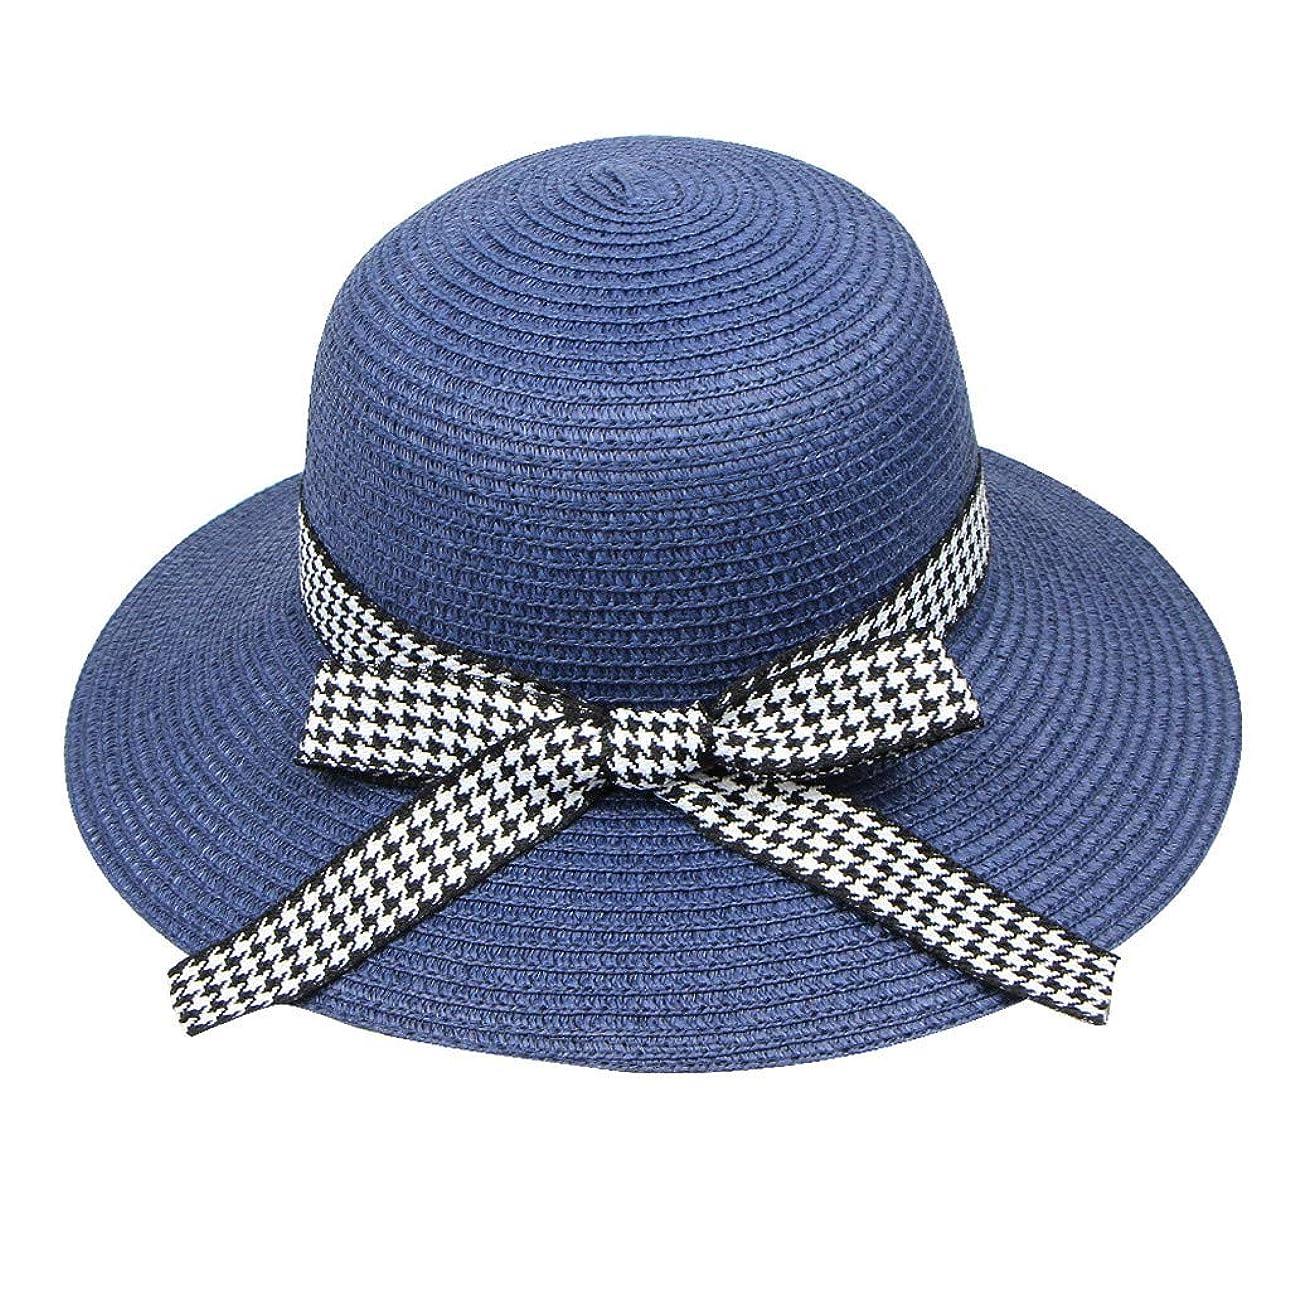 確立します容疑者談話麦わら帽子 レディース 夏 ハット UVカット 帽子 日焼け防止 ストリーマ 千鳥格子 蝶結び 帽子 レディース 紫外線100%カット UV ハット 可愛い 小顔効果抜群 日よけ 折りたたみ つば広 ROSE ROMAN